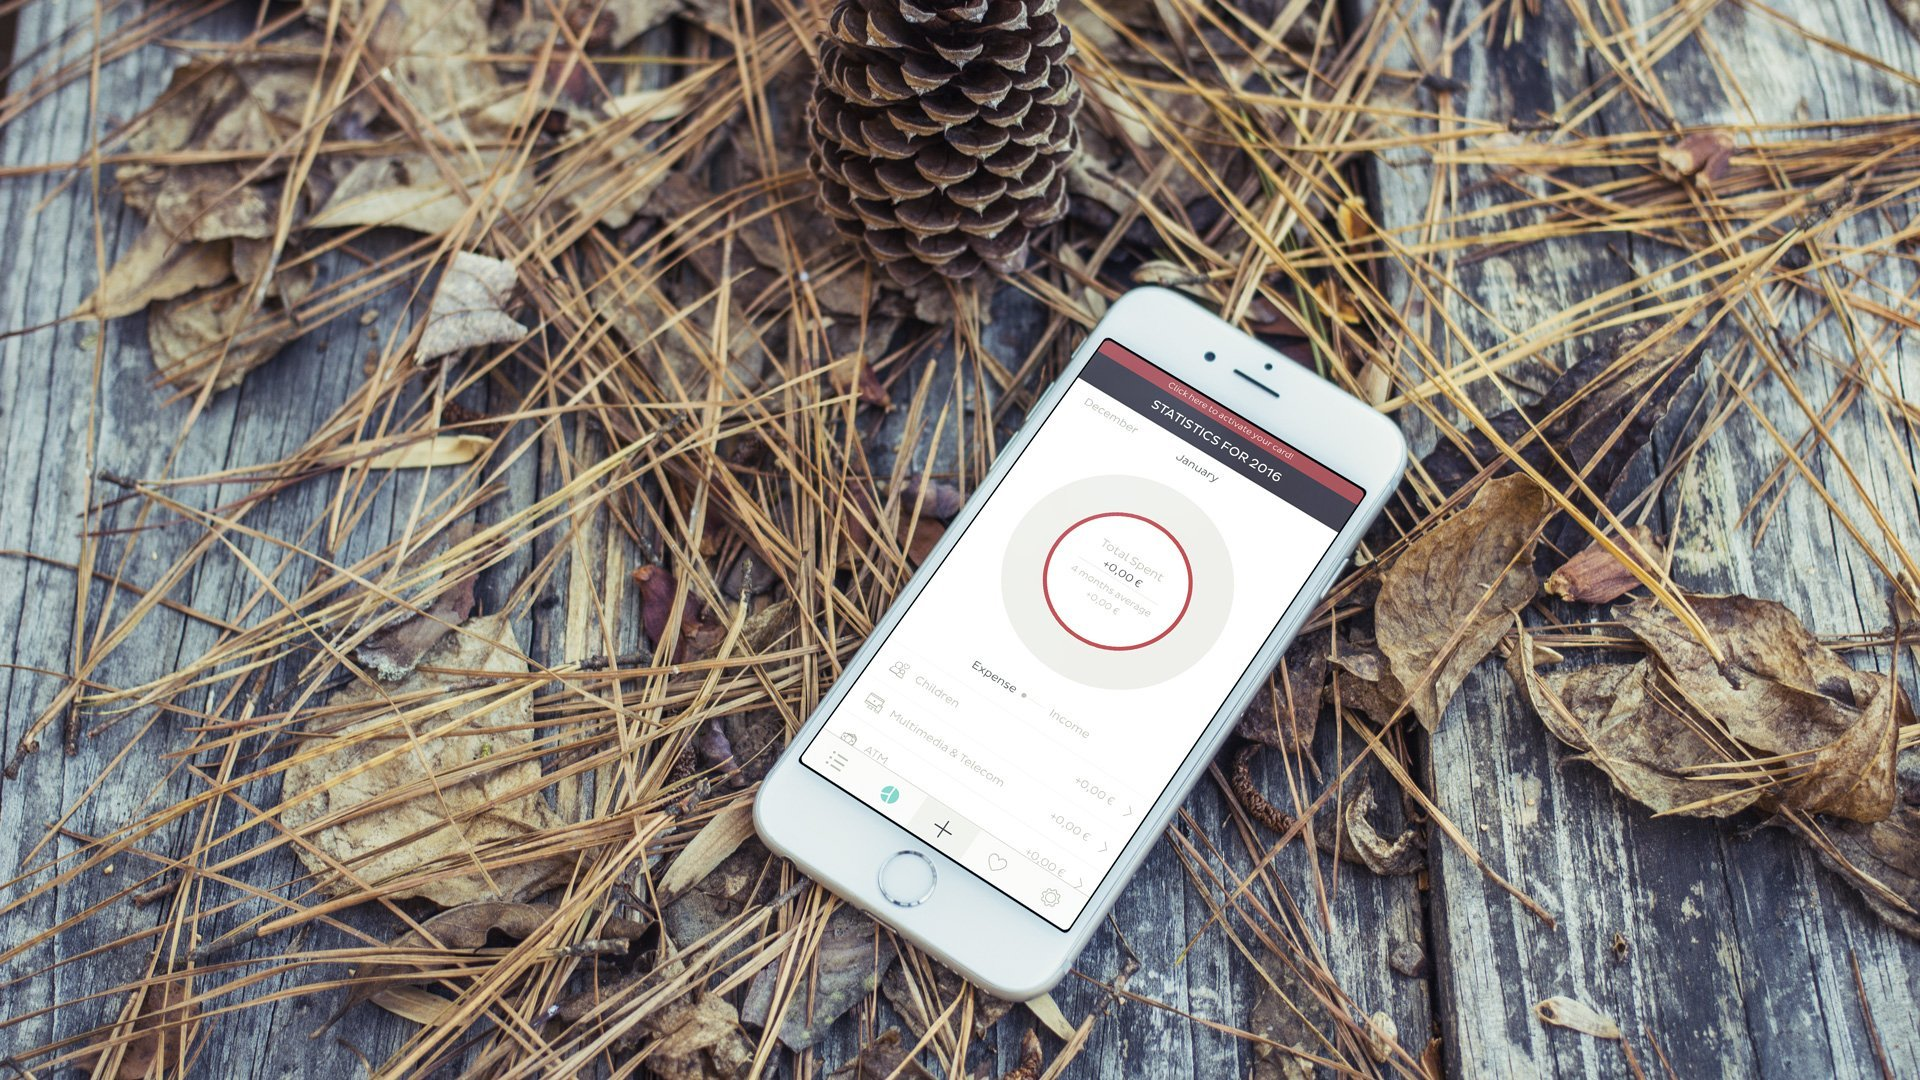 Banque en ligne : 3 innovations des banques en ligne qui facilitent la vie des utilisateurs